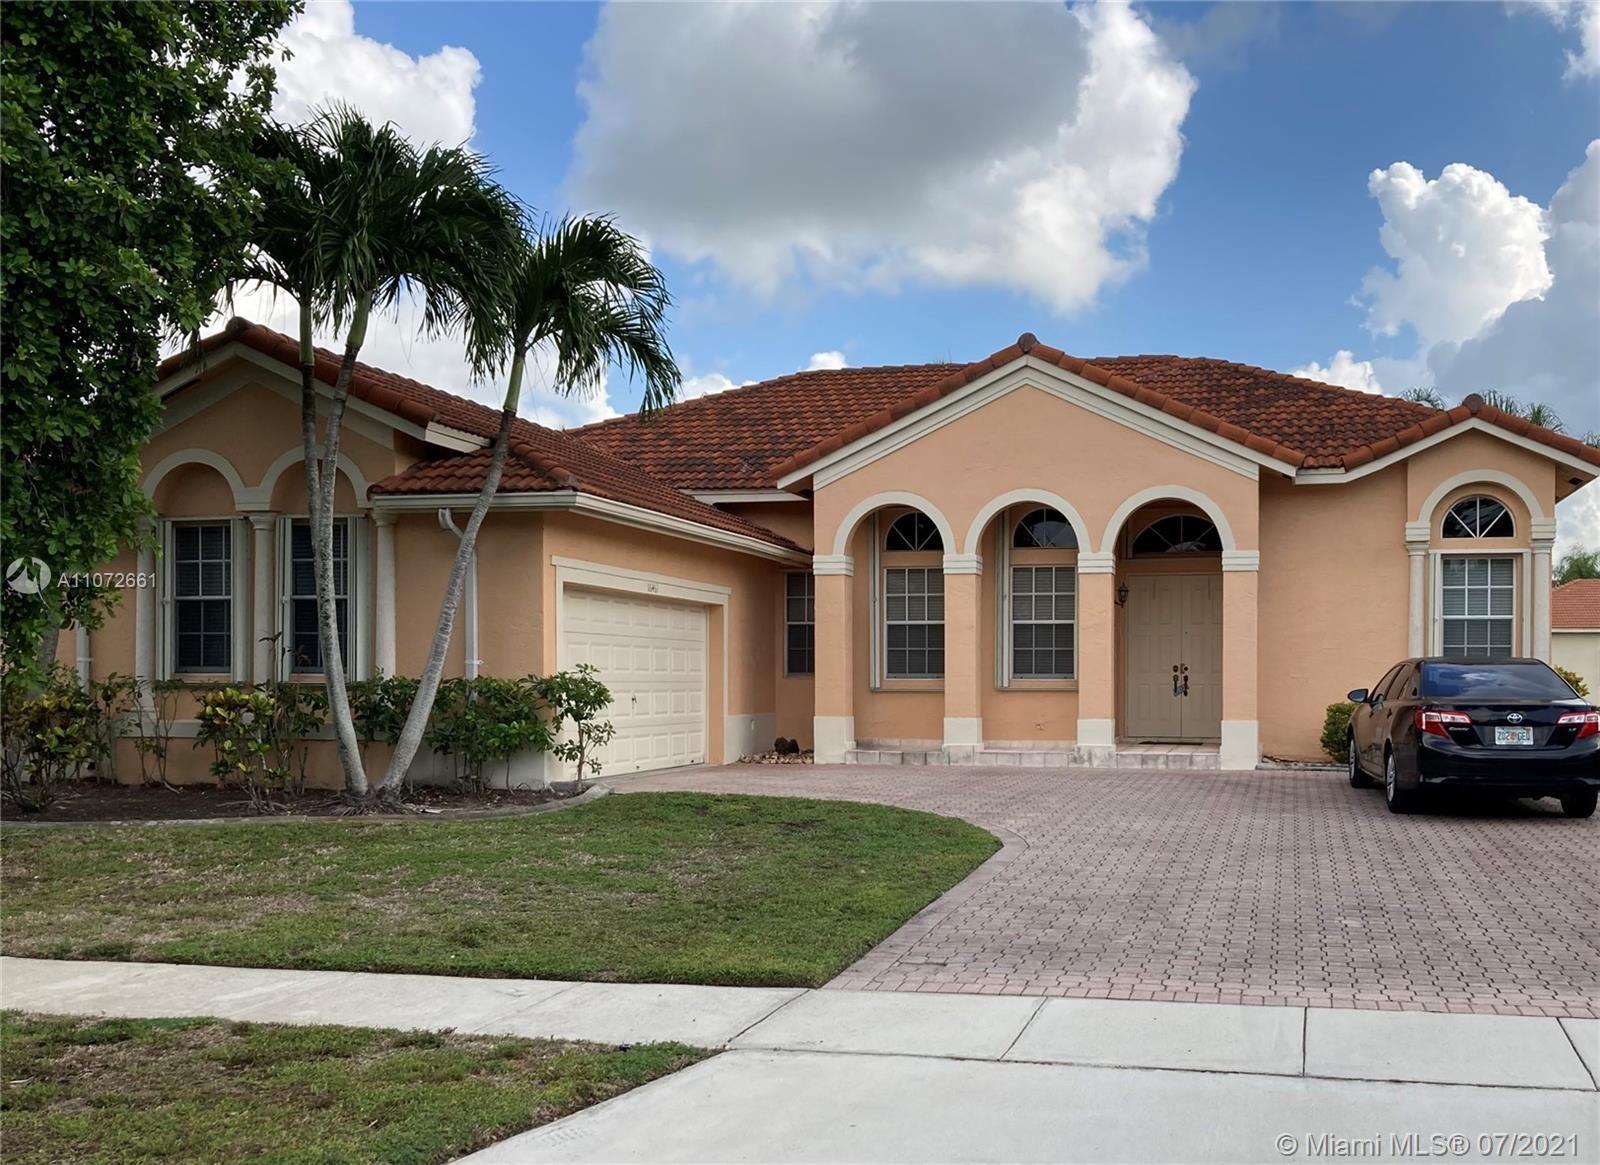 16461 NW 12th St, Pembroke Pines, FL 33028 - #: A11072661